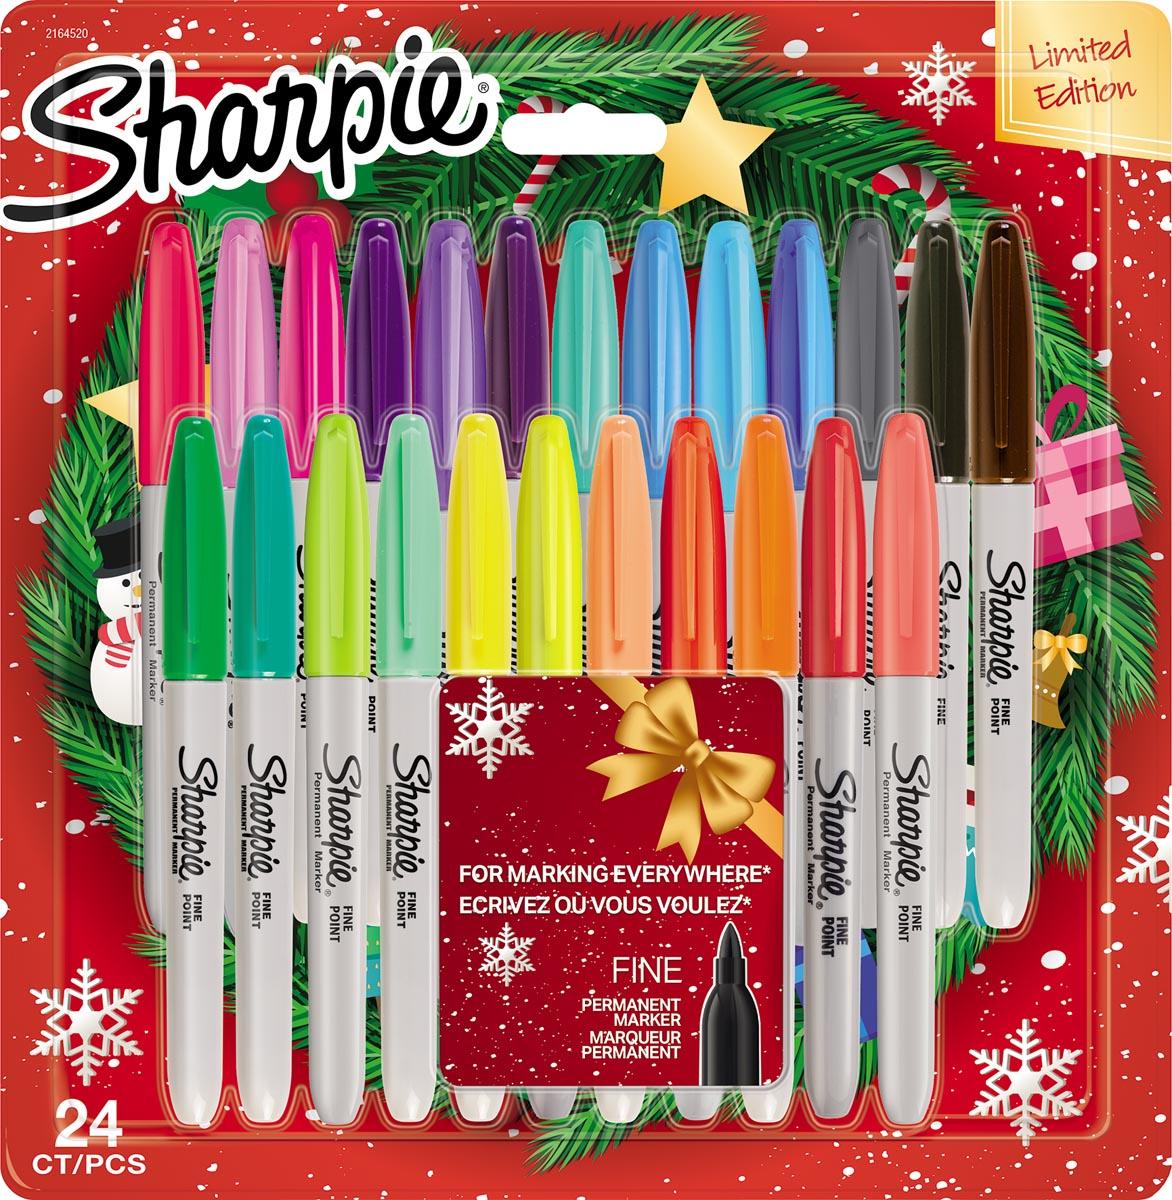 Sharpie permanente marker Kerst limited edition, fijne punt, blister van 24 stuks, geassorteerde kle